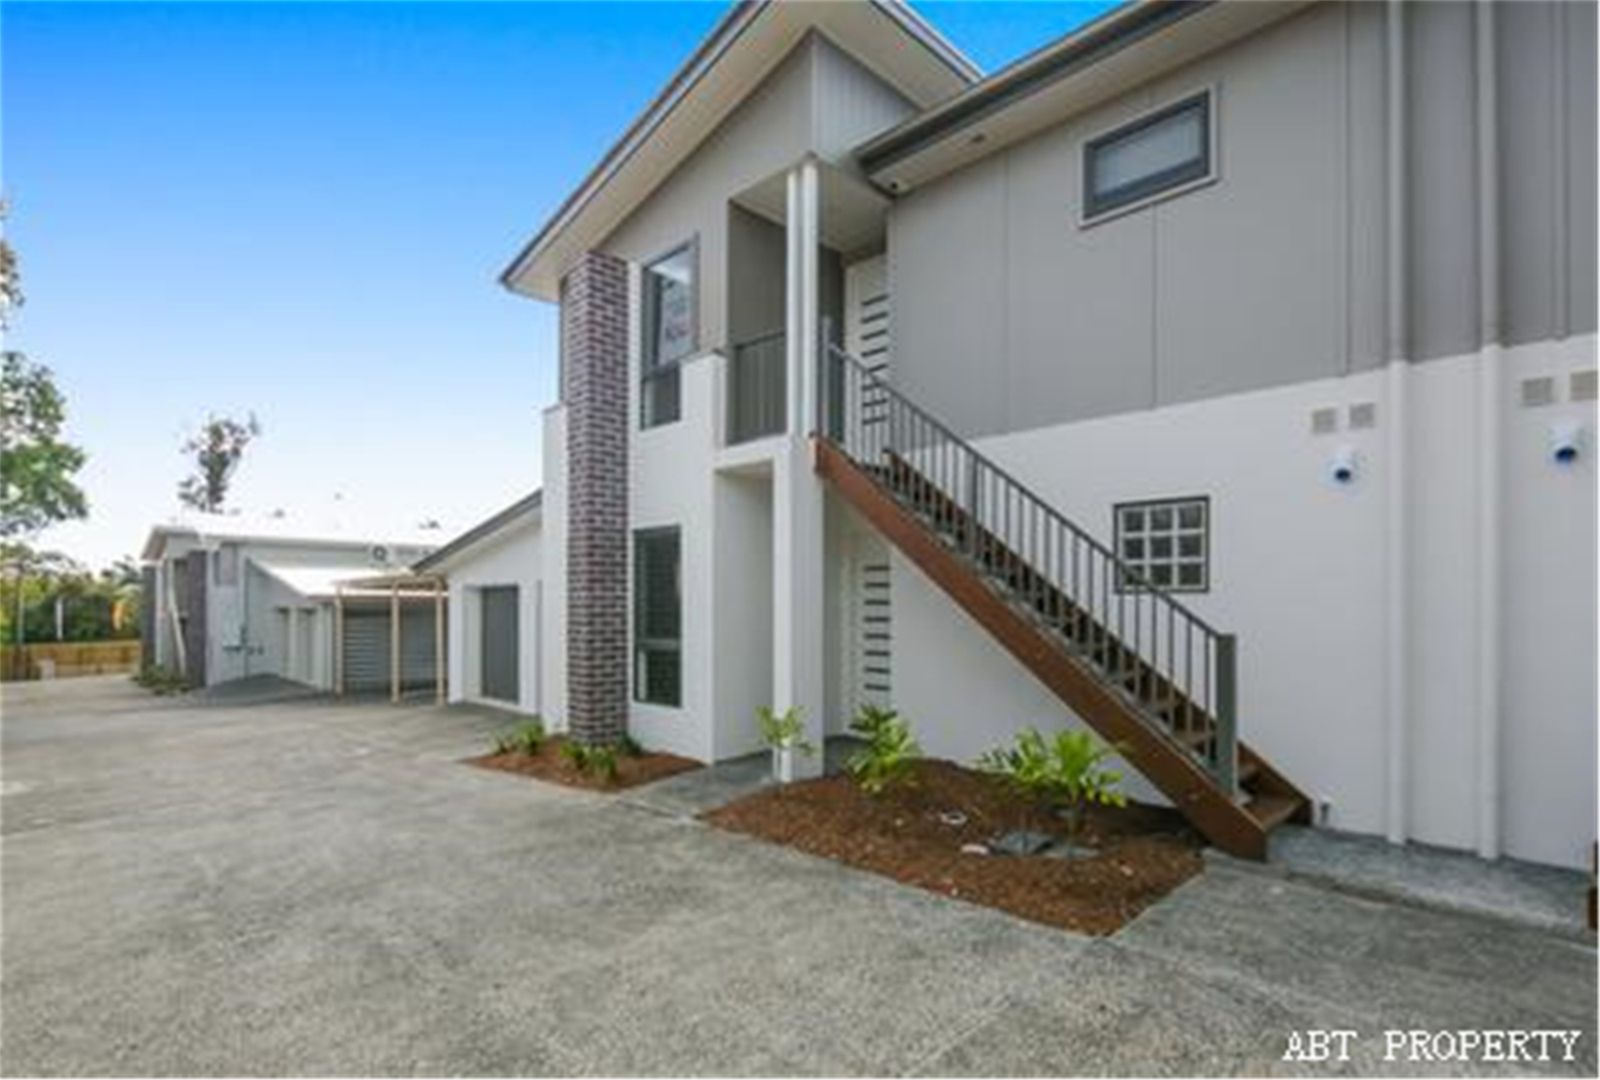 14/5 Boulter Close, Capalaba QLD 4157, Image 0